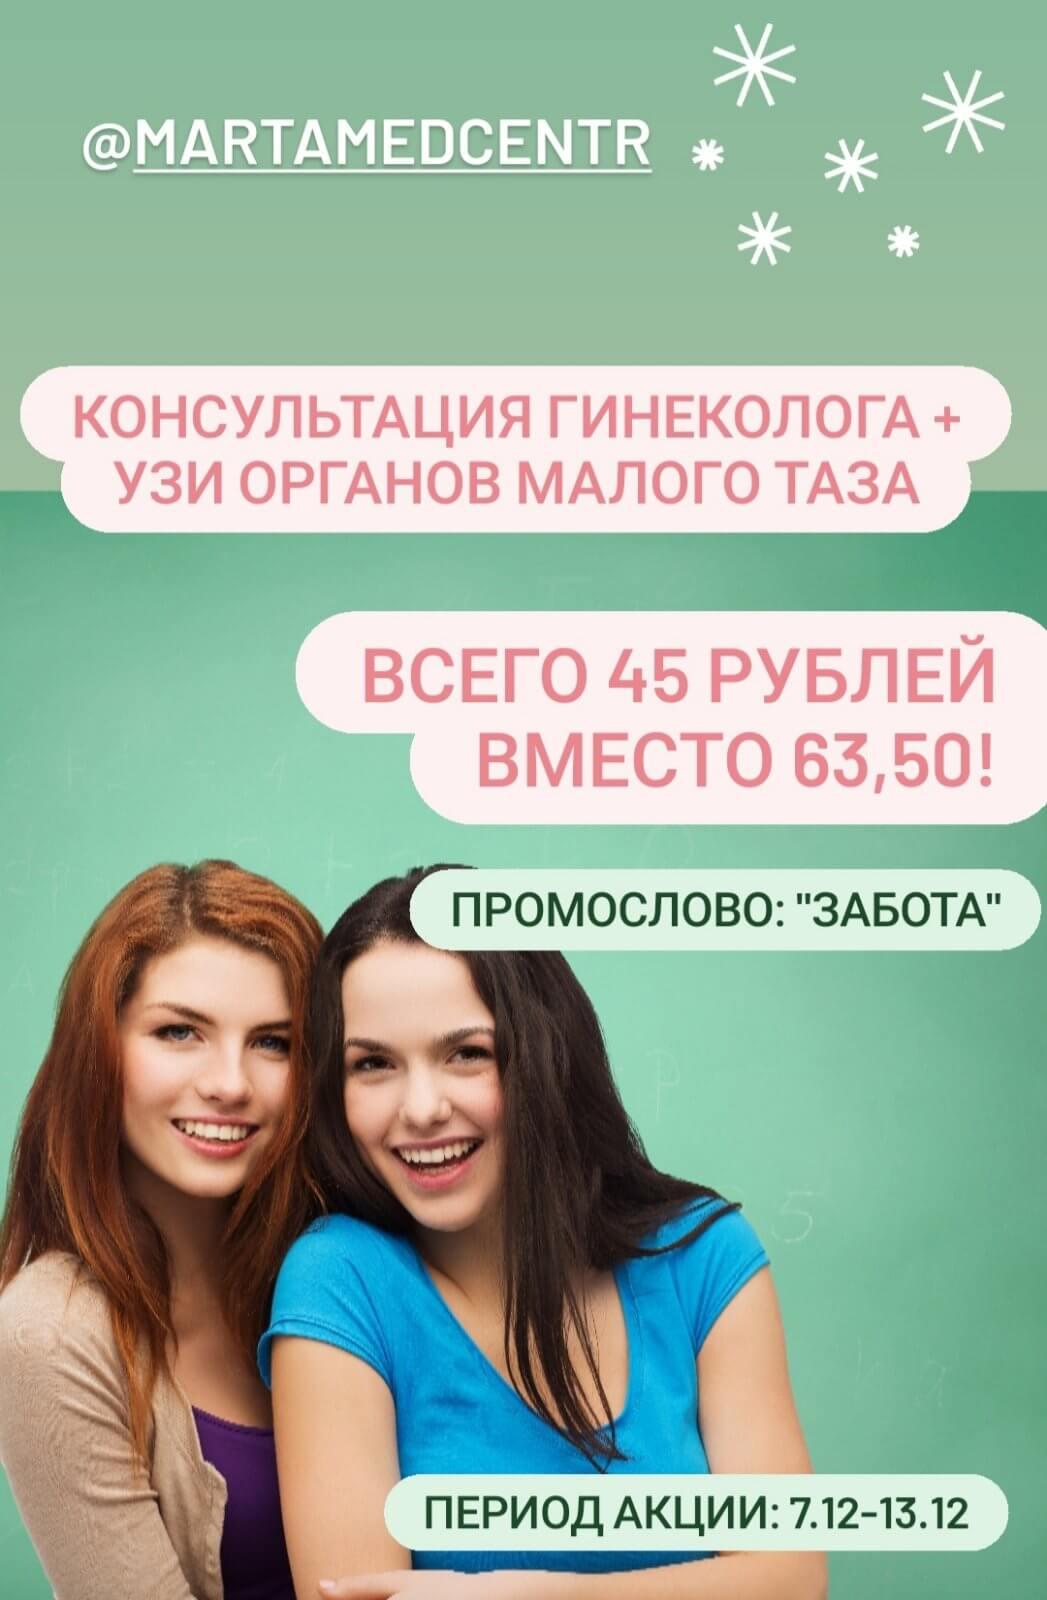 Акция для всех женщин при обращении в клинику Марта в декабре!